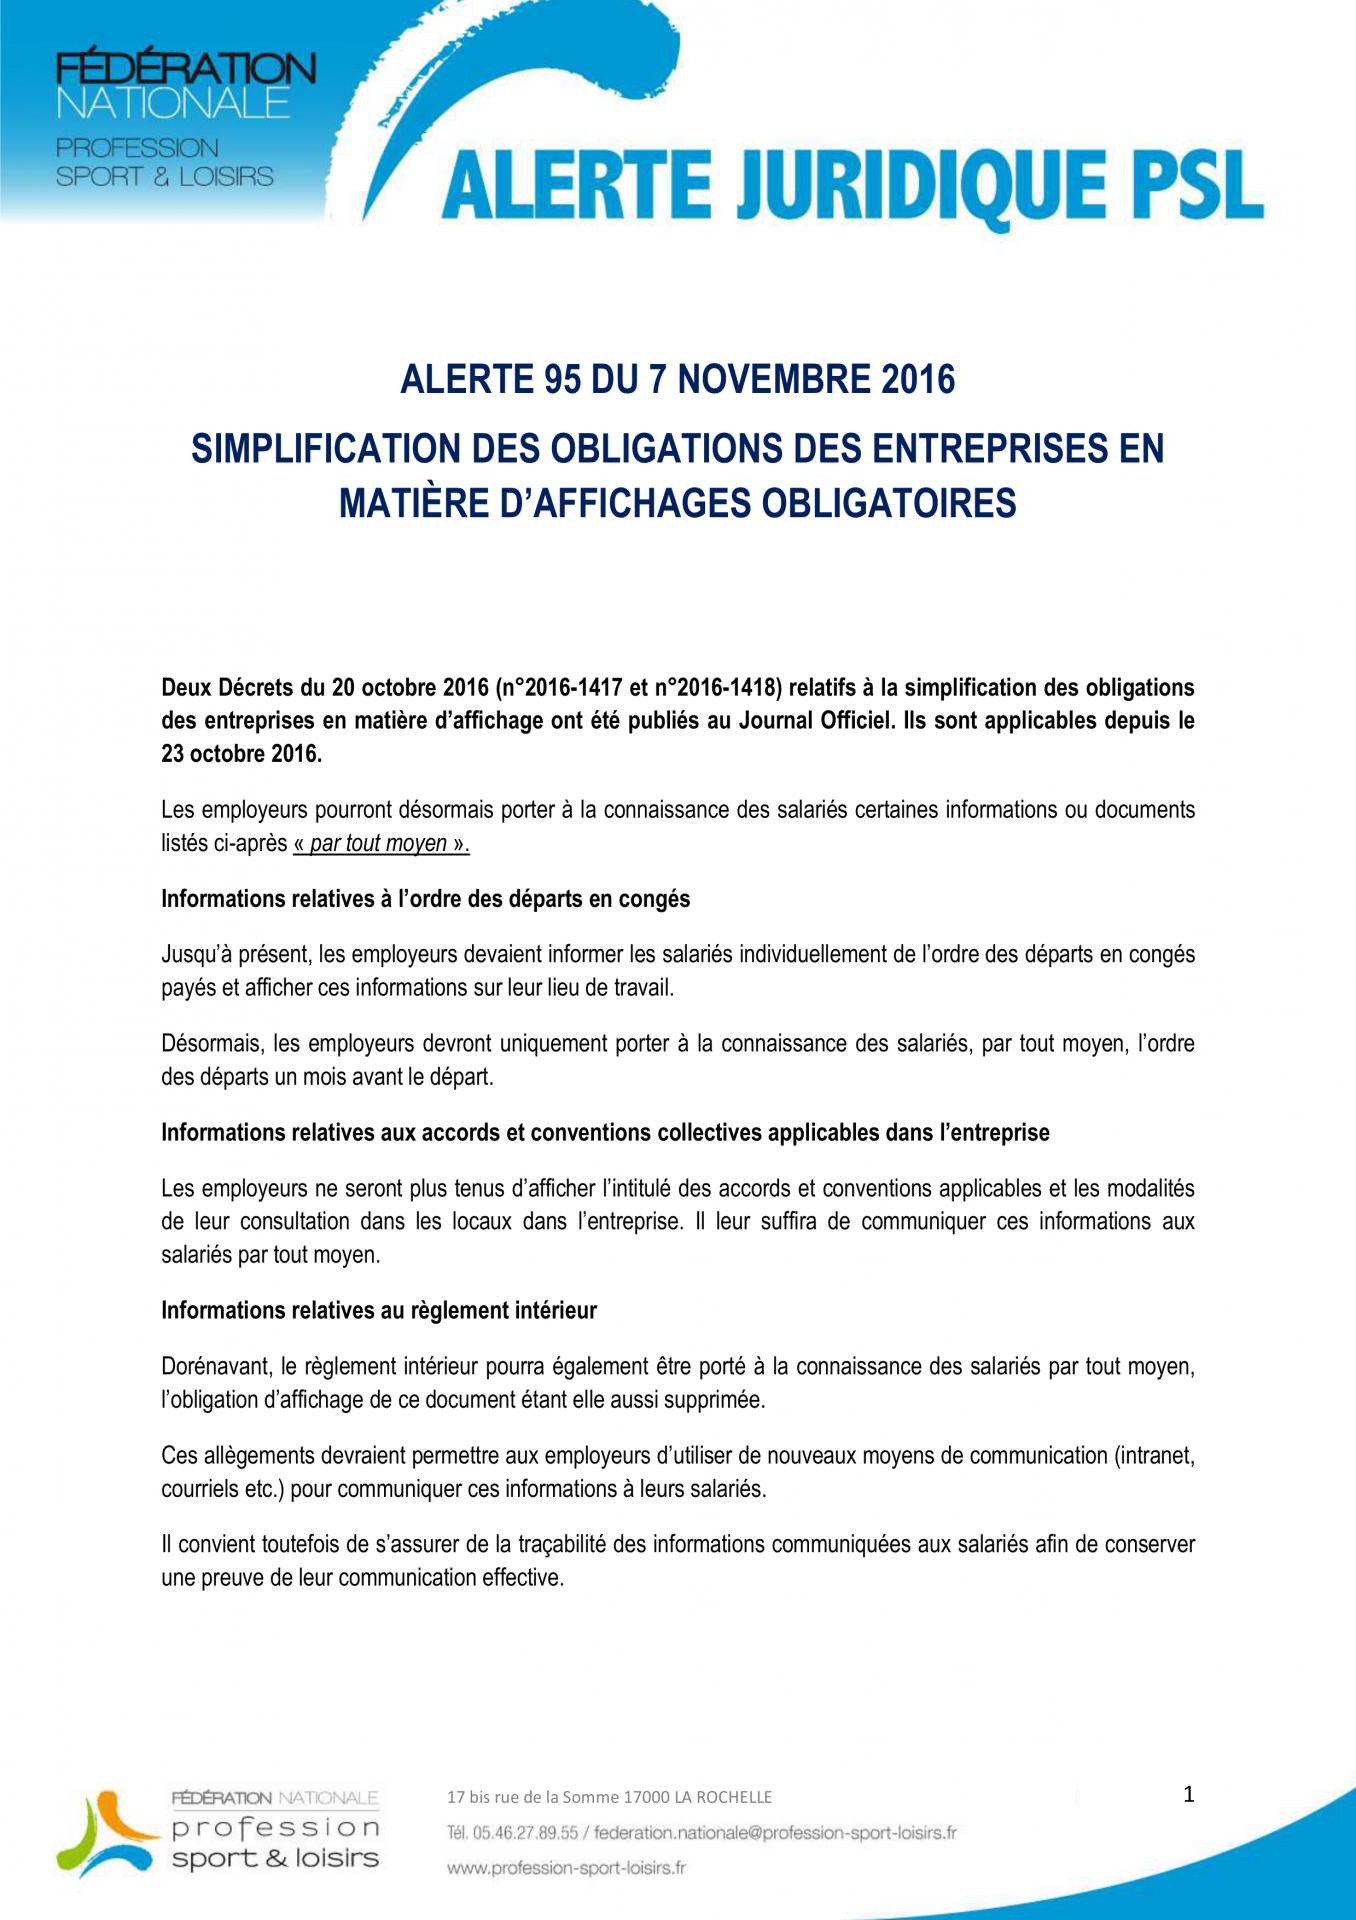 161104 alerte 95 simplification des obligations des entreprises en matiere daffichages obligatoires